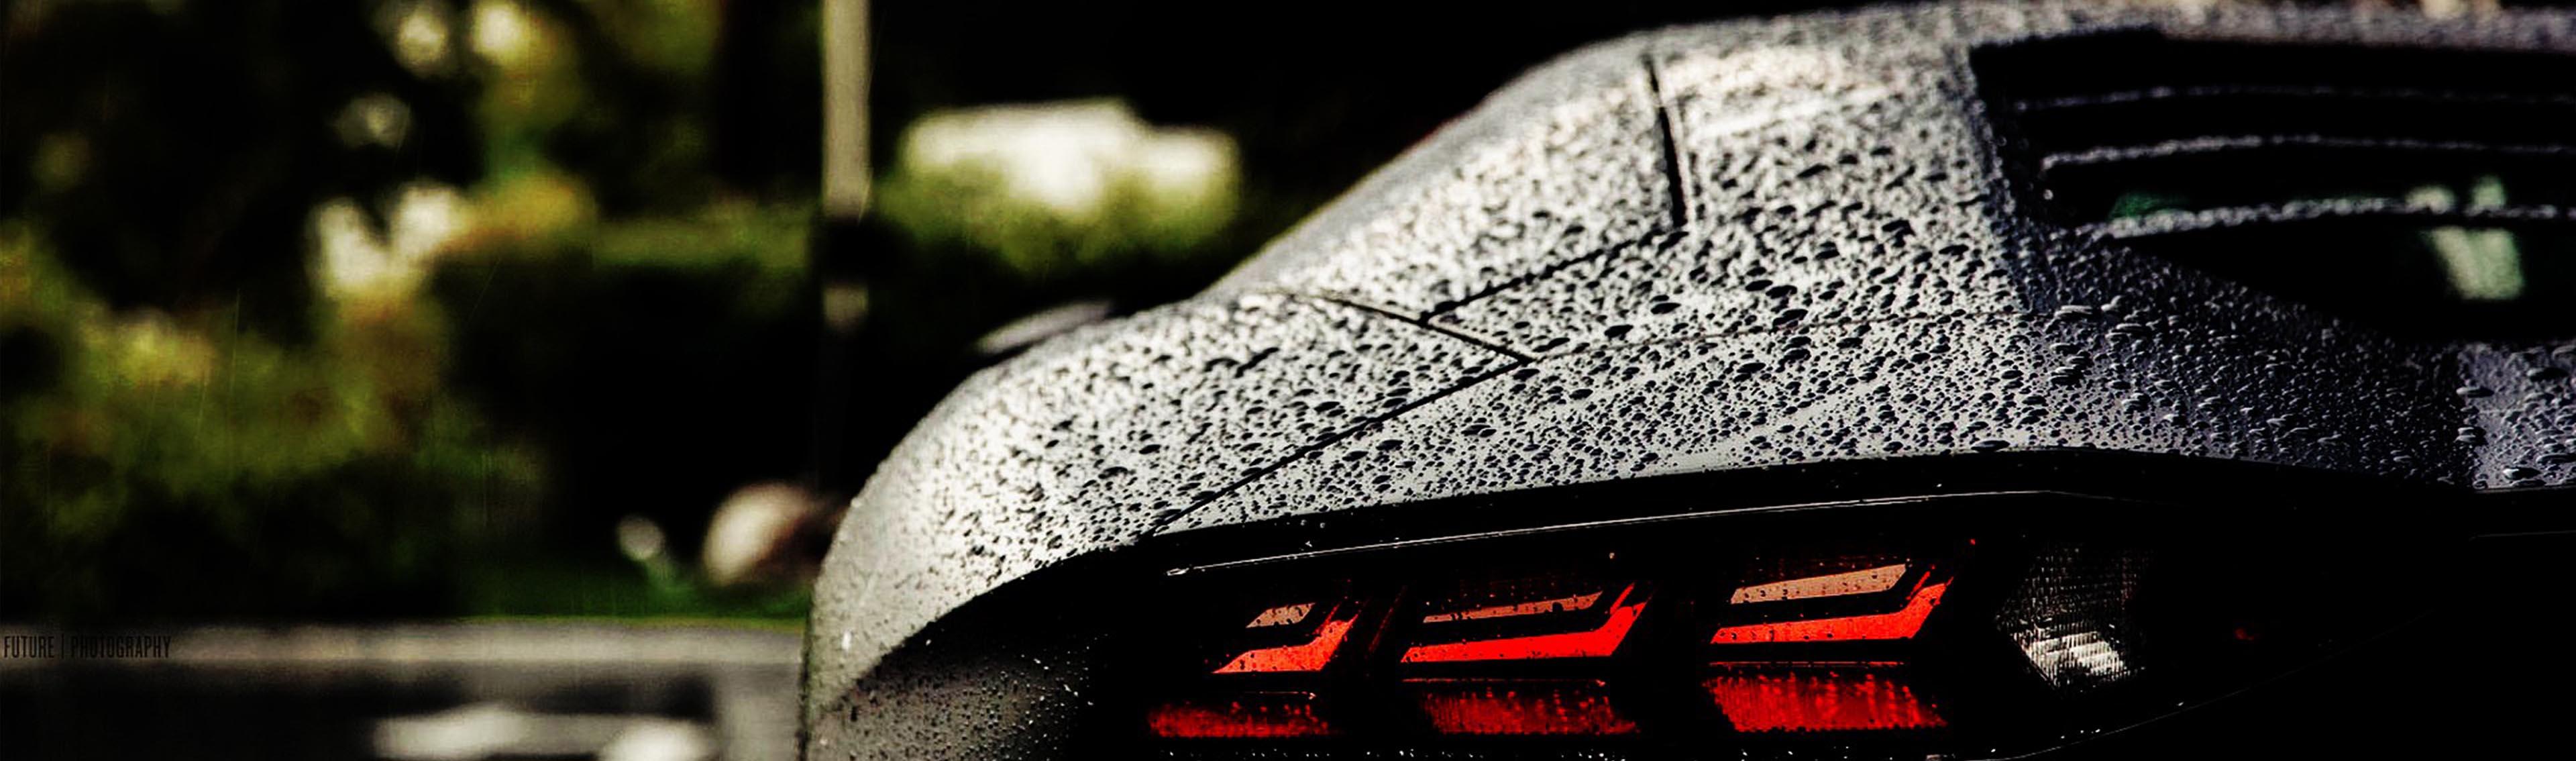 platinum-auto-detailing-2